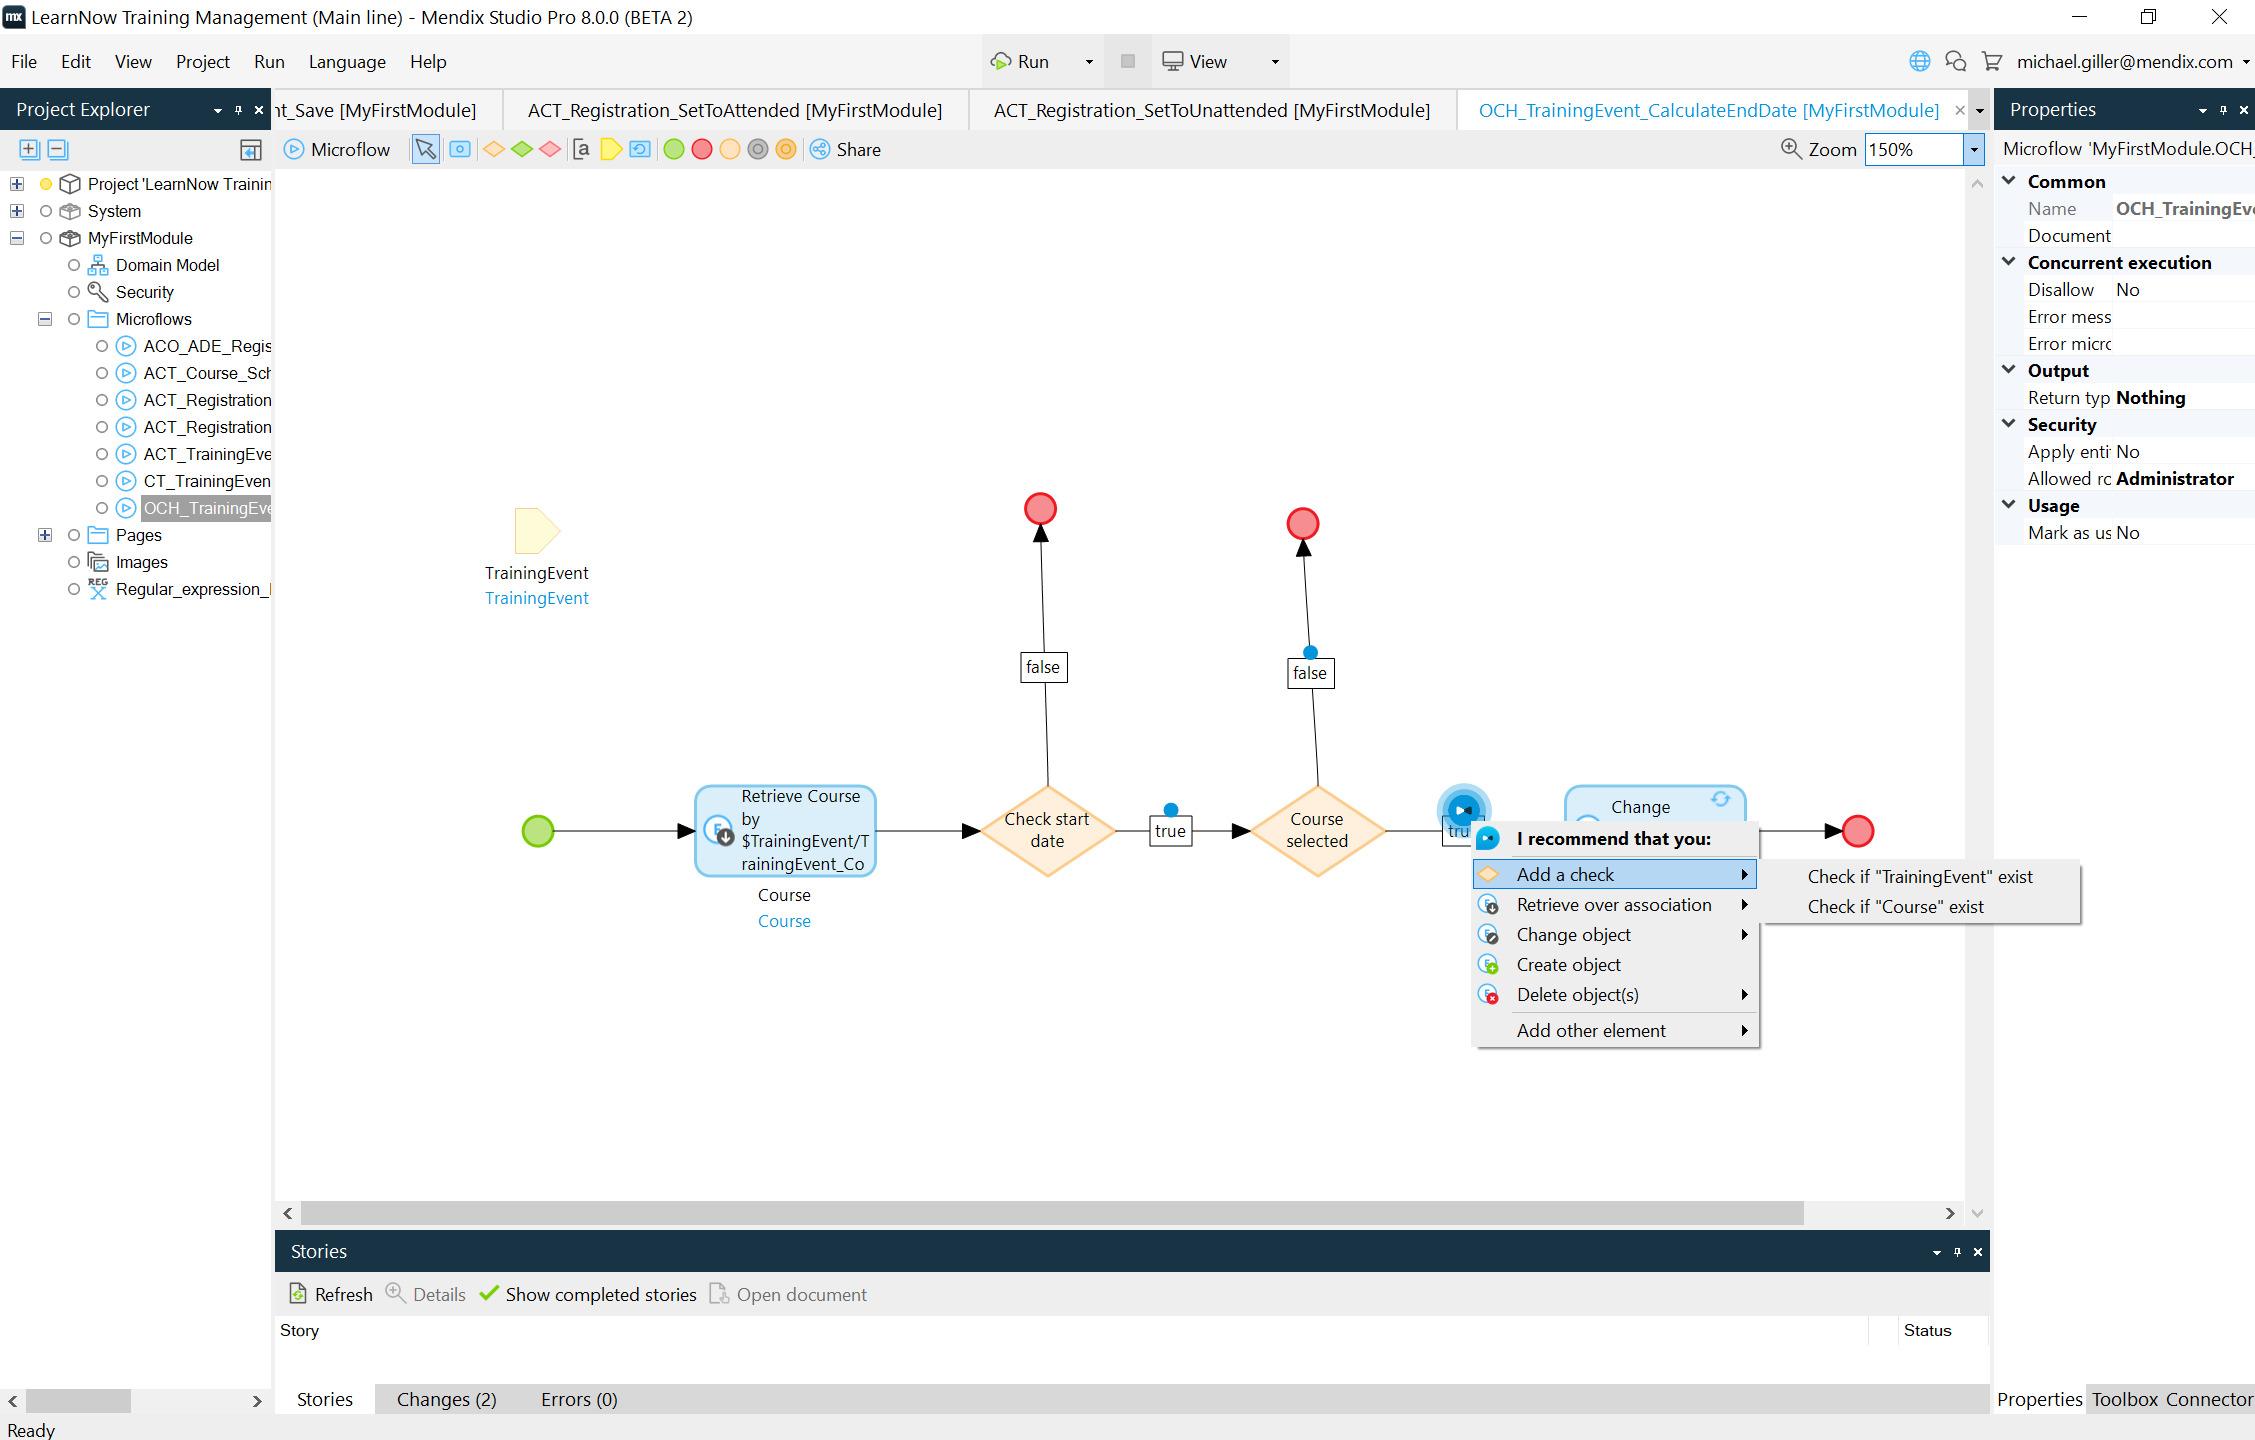 Die Drag&Drop-Oberfläche von Mendix Studio ermöglicht, Werte aus statischen Datenbeständen wie Excel-Tabellen zu generieren. (Bild: Mendix Technology B.V.)